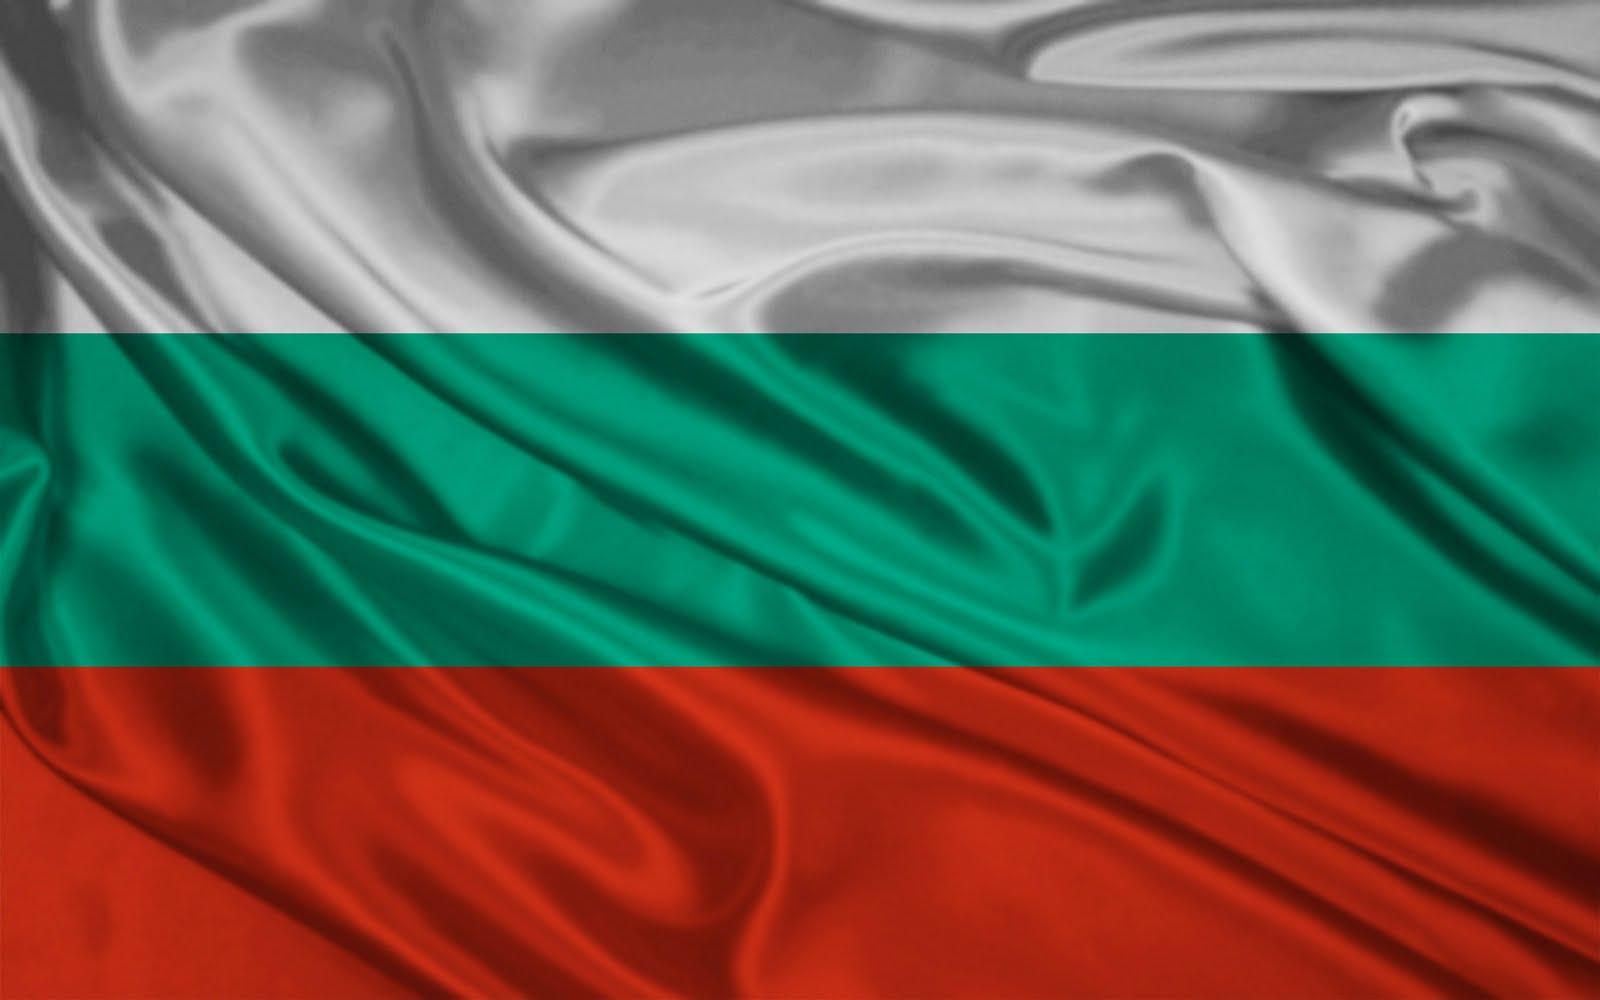 Download 3d Desktop Wallpapers For Windows Xp Graafix Wallpapers Flag Of Bulgaria